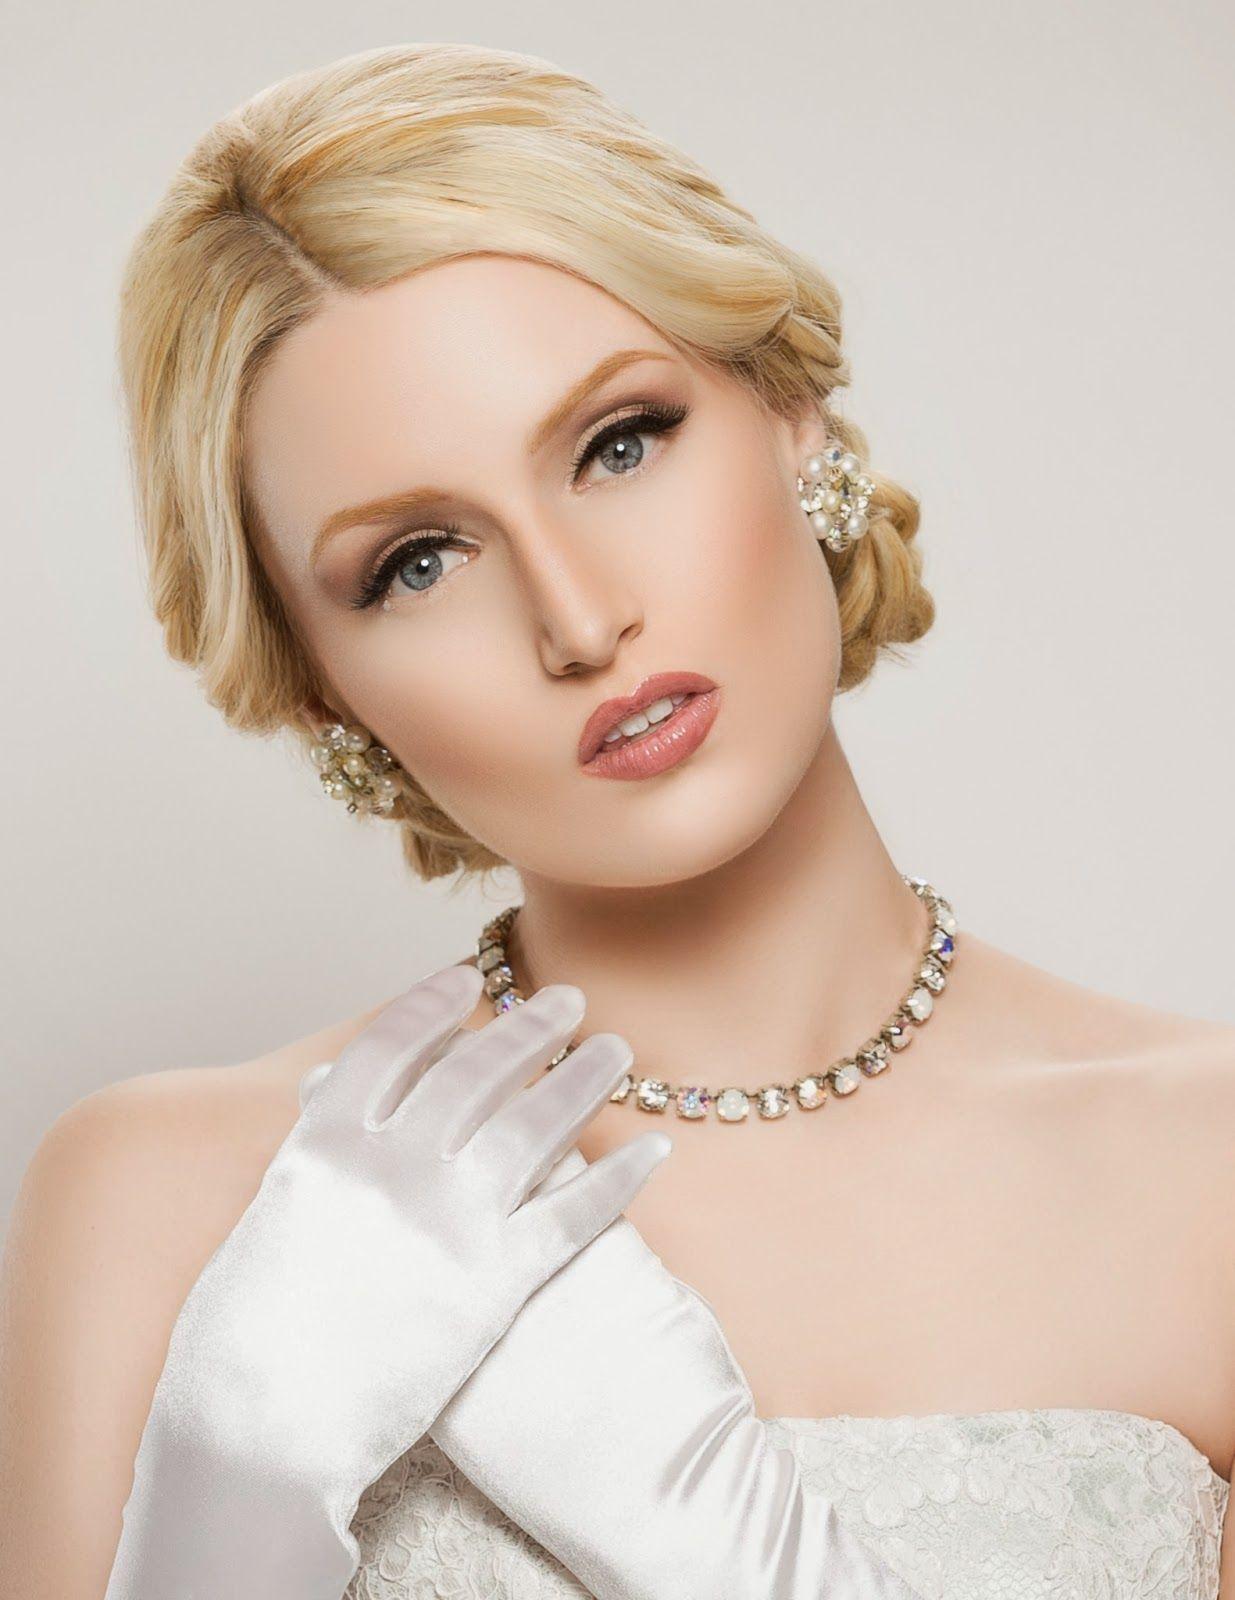 wedding makeup tutorial Wedding hair tips, Bride makeup